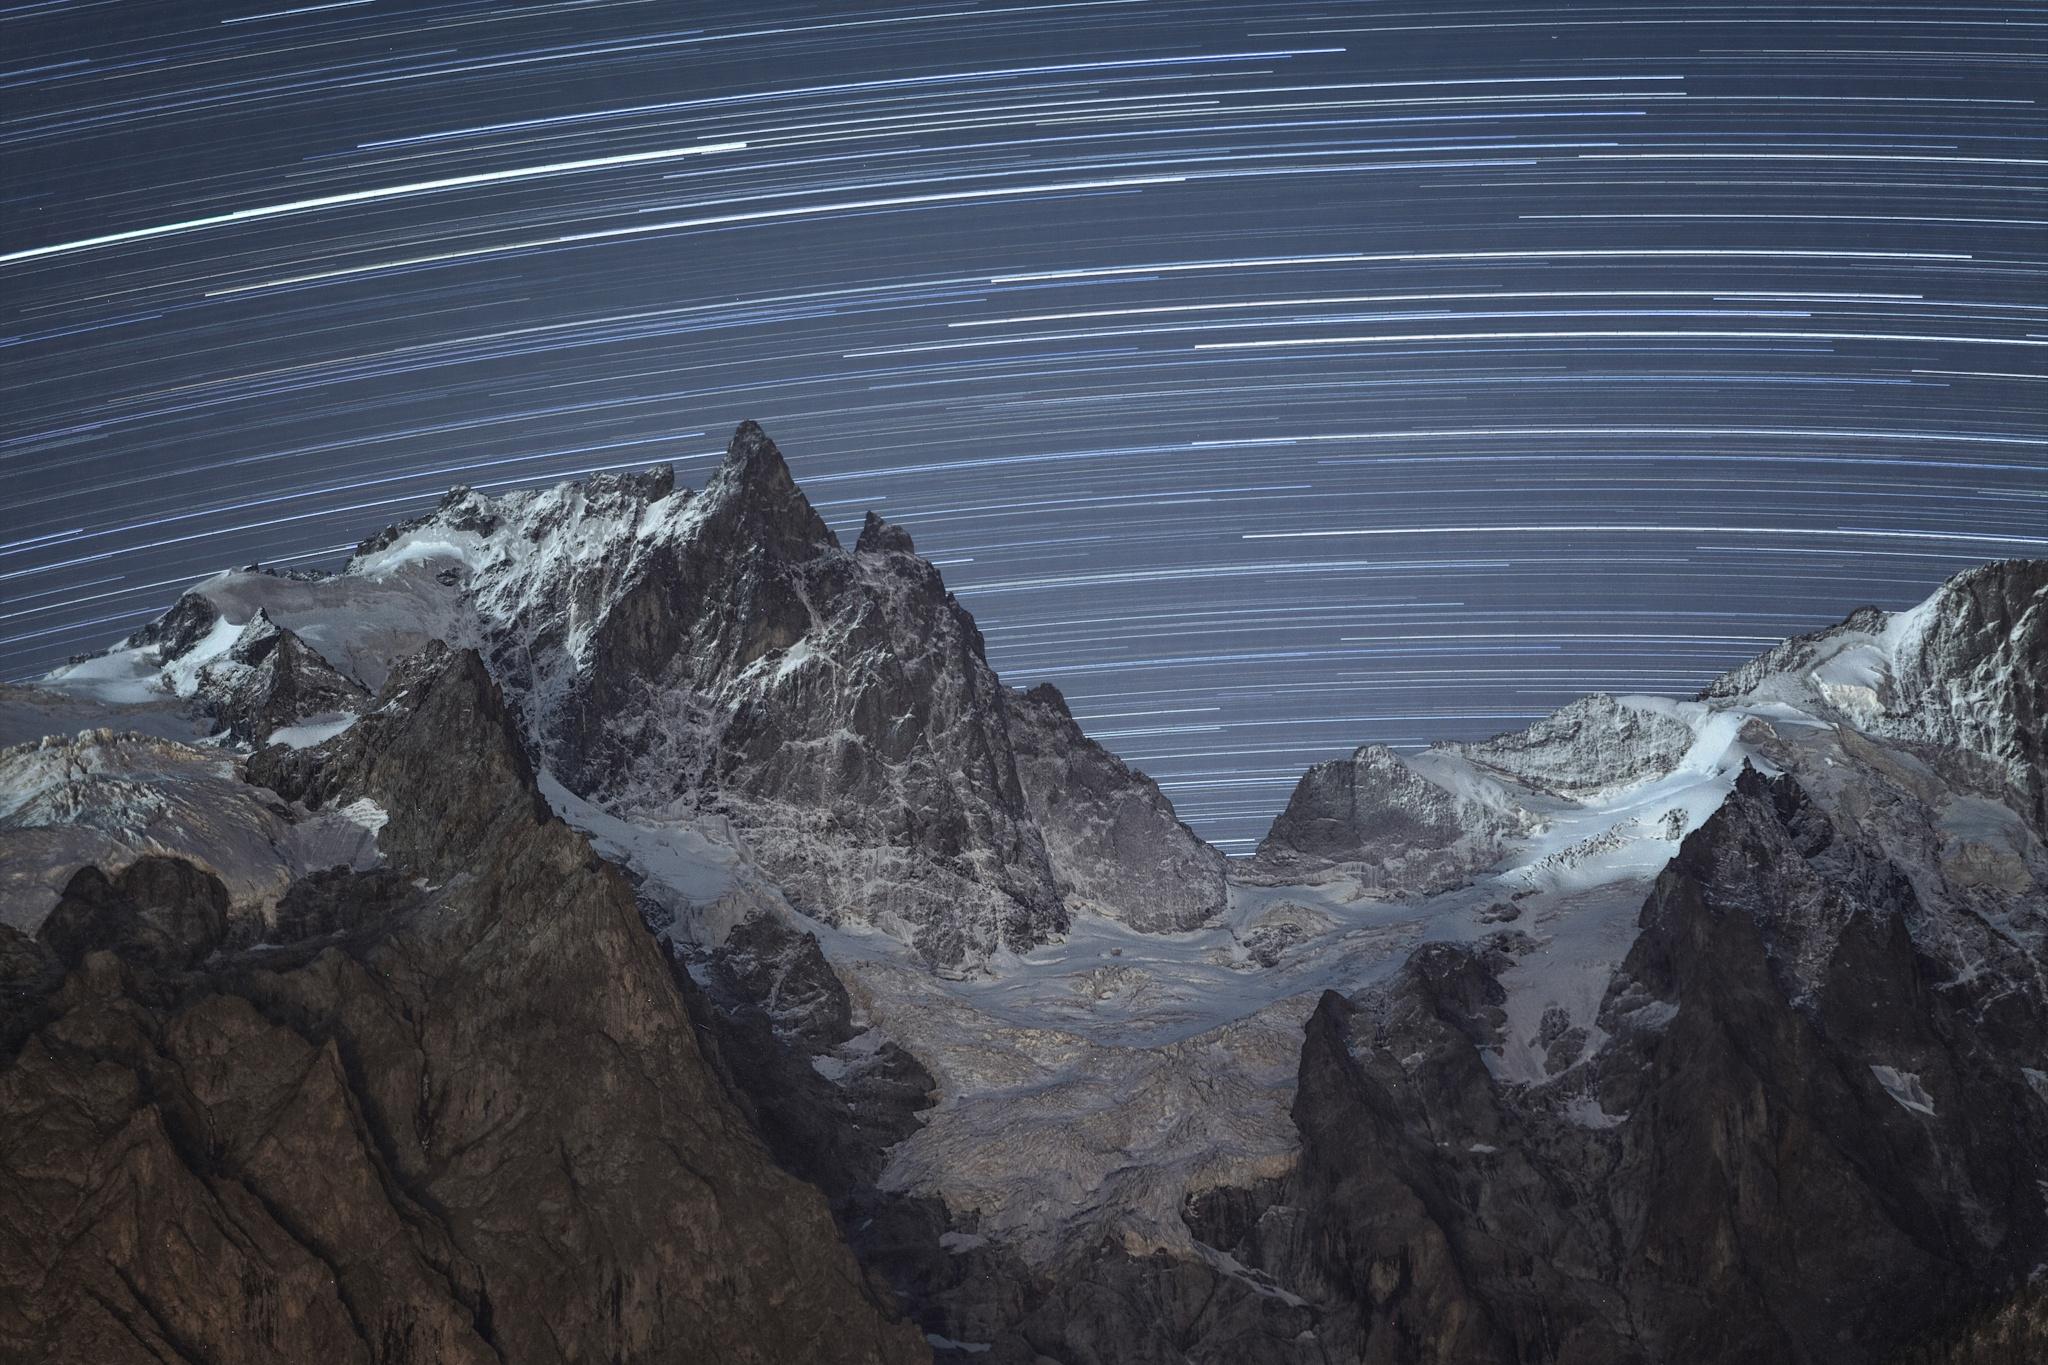 La Meije, Alpes franceses - Otras montañas - Fotos del Valle del Aragón, Mikel Besga